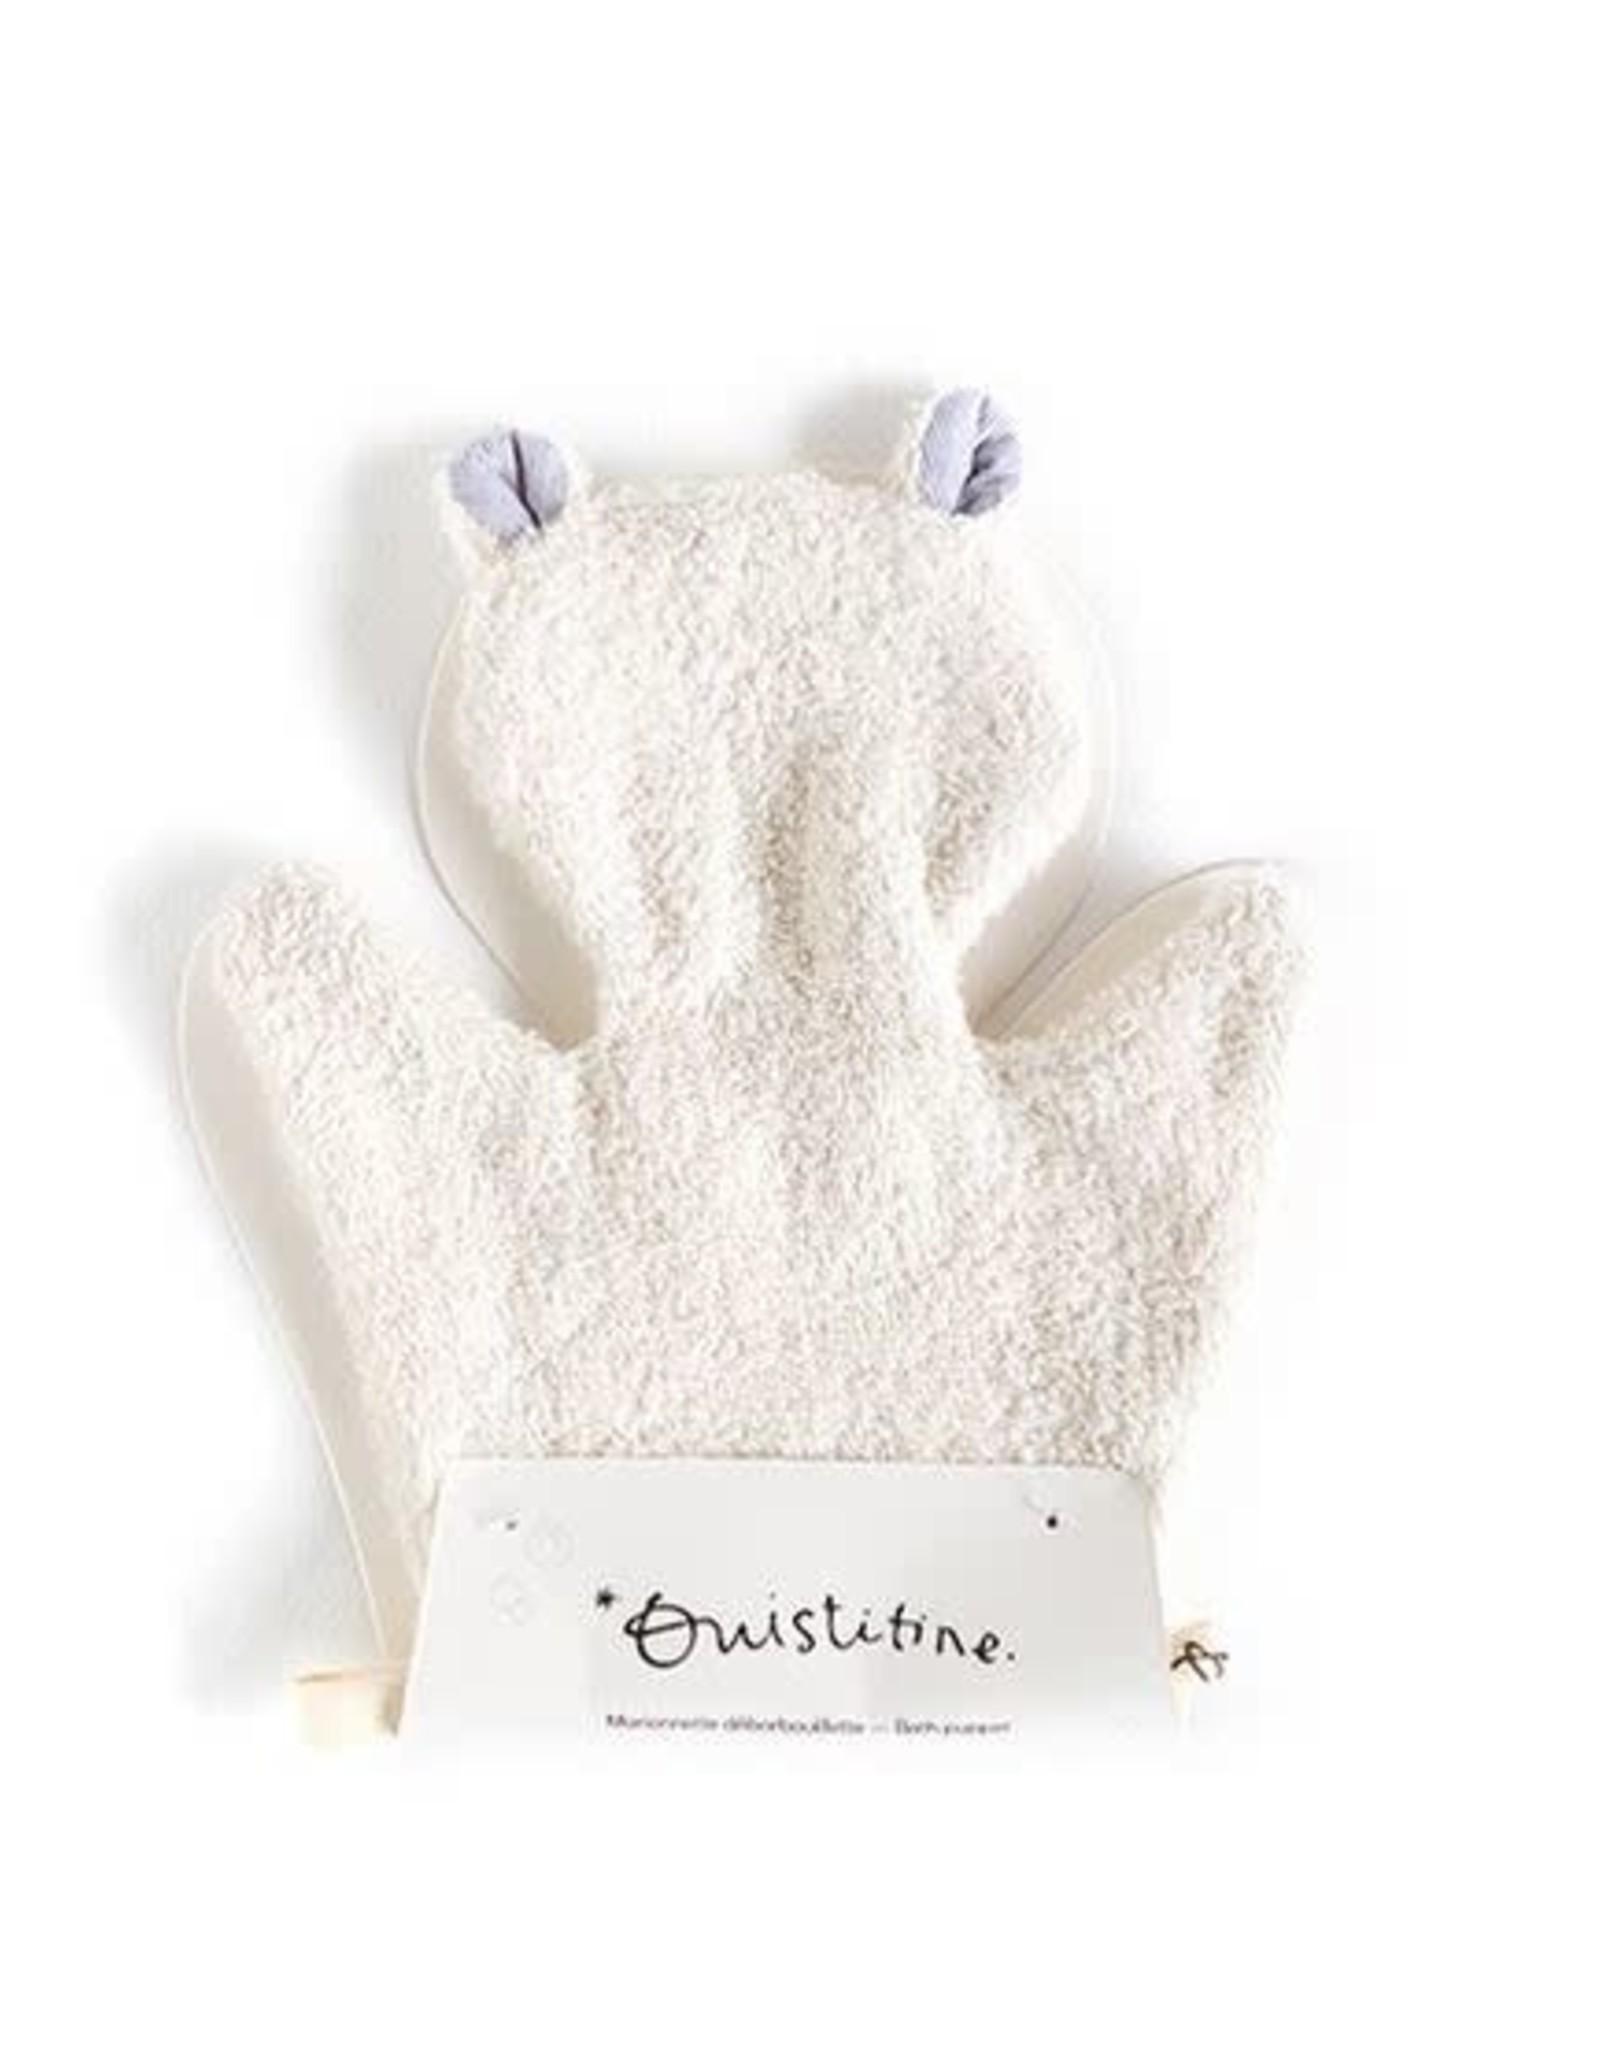 Ouistitine Bath Puppet - Cat